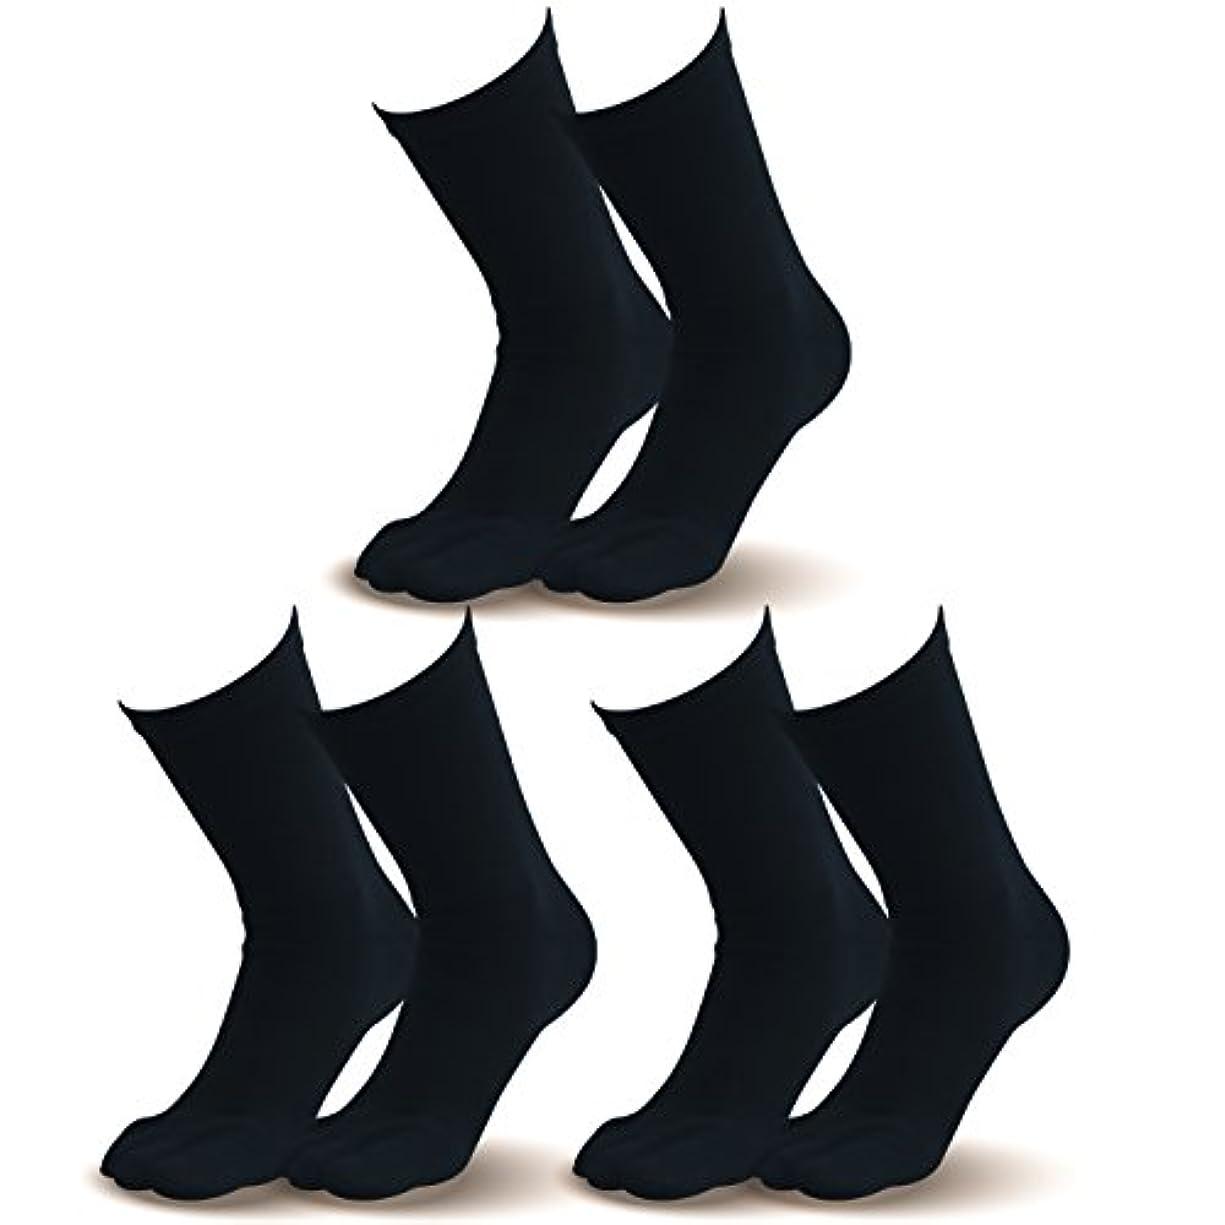 管理床を掃除する賞賛する【指先まであったか靴下】とってもお得な ブラック3足組  温かい 暖かい 遠赤外線加工 セラミック 伸びる 外反母趾対策 健康 5本指ソックス